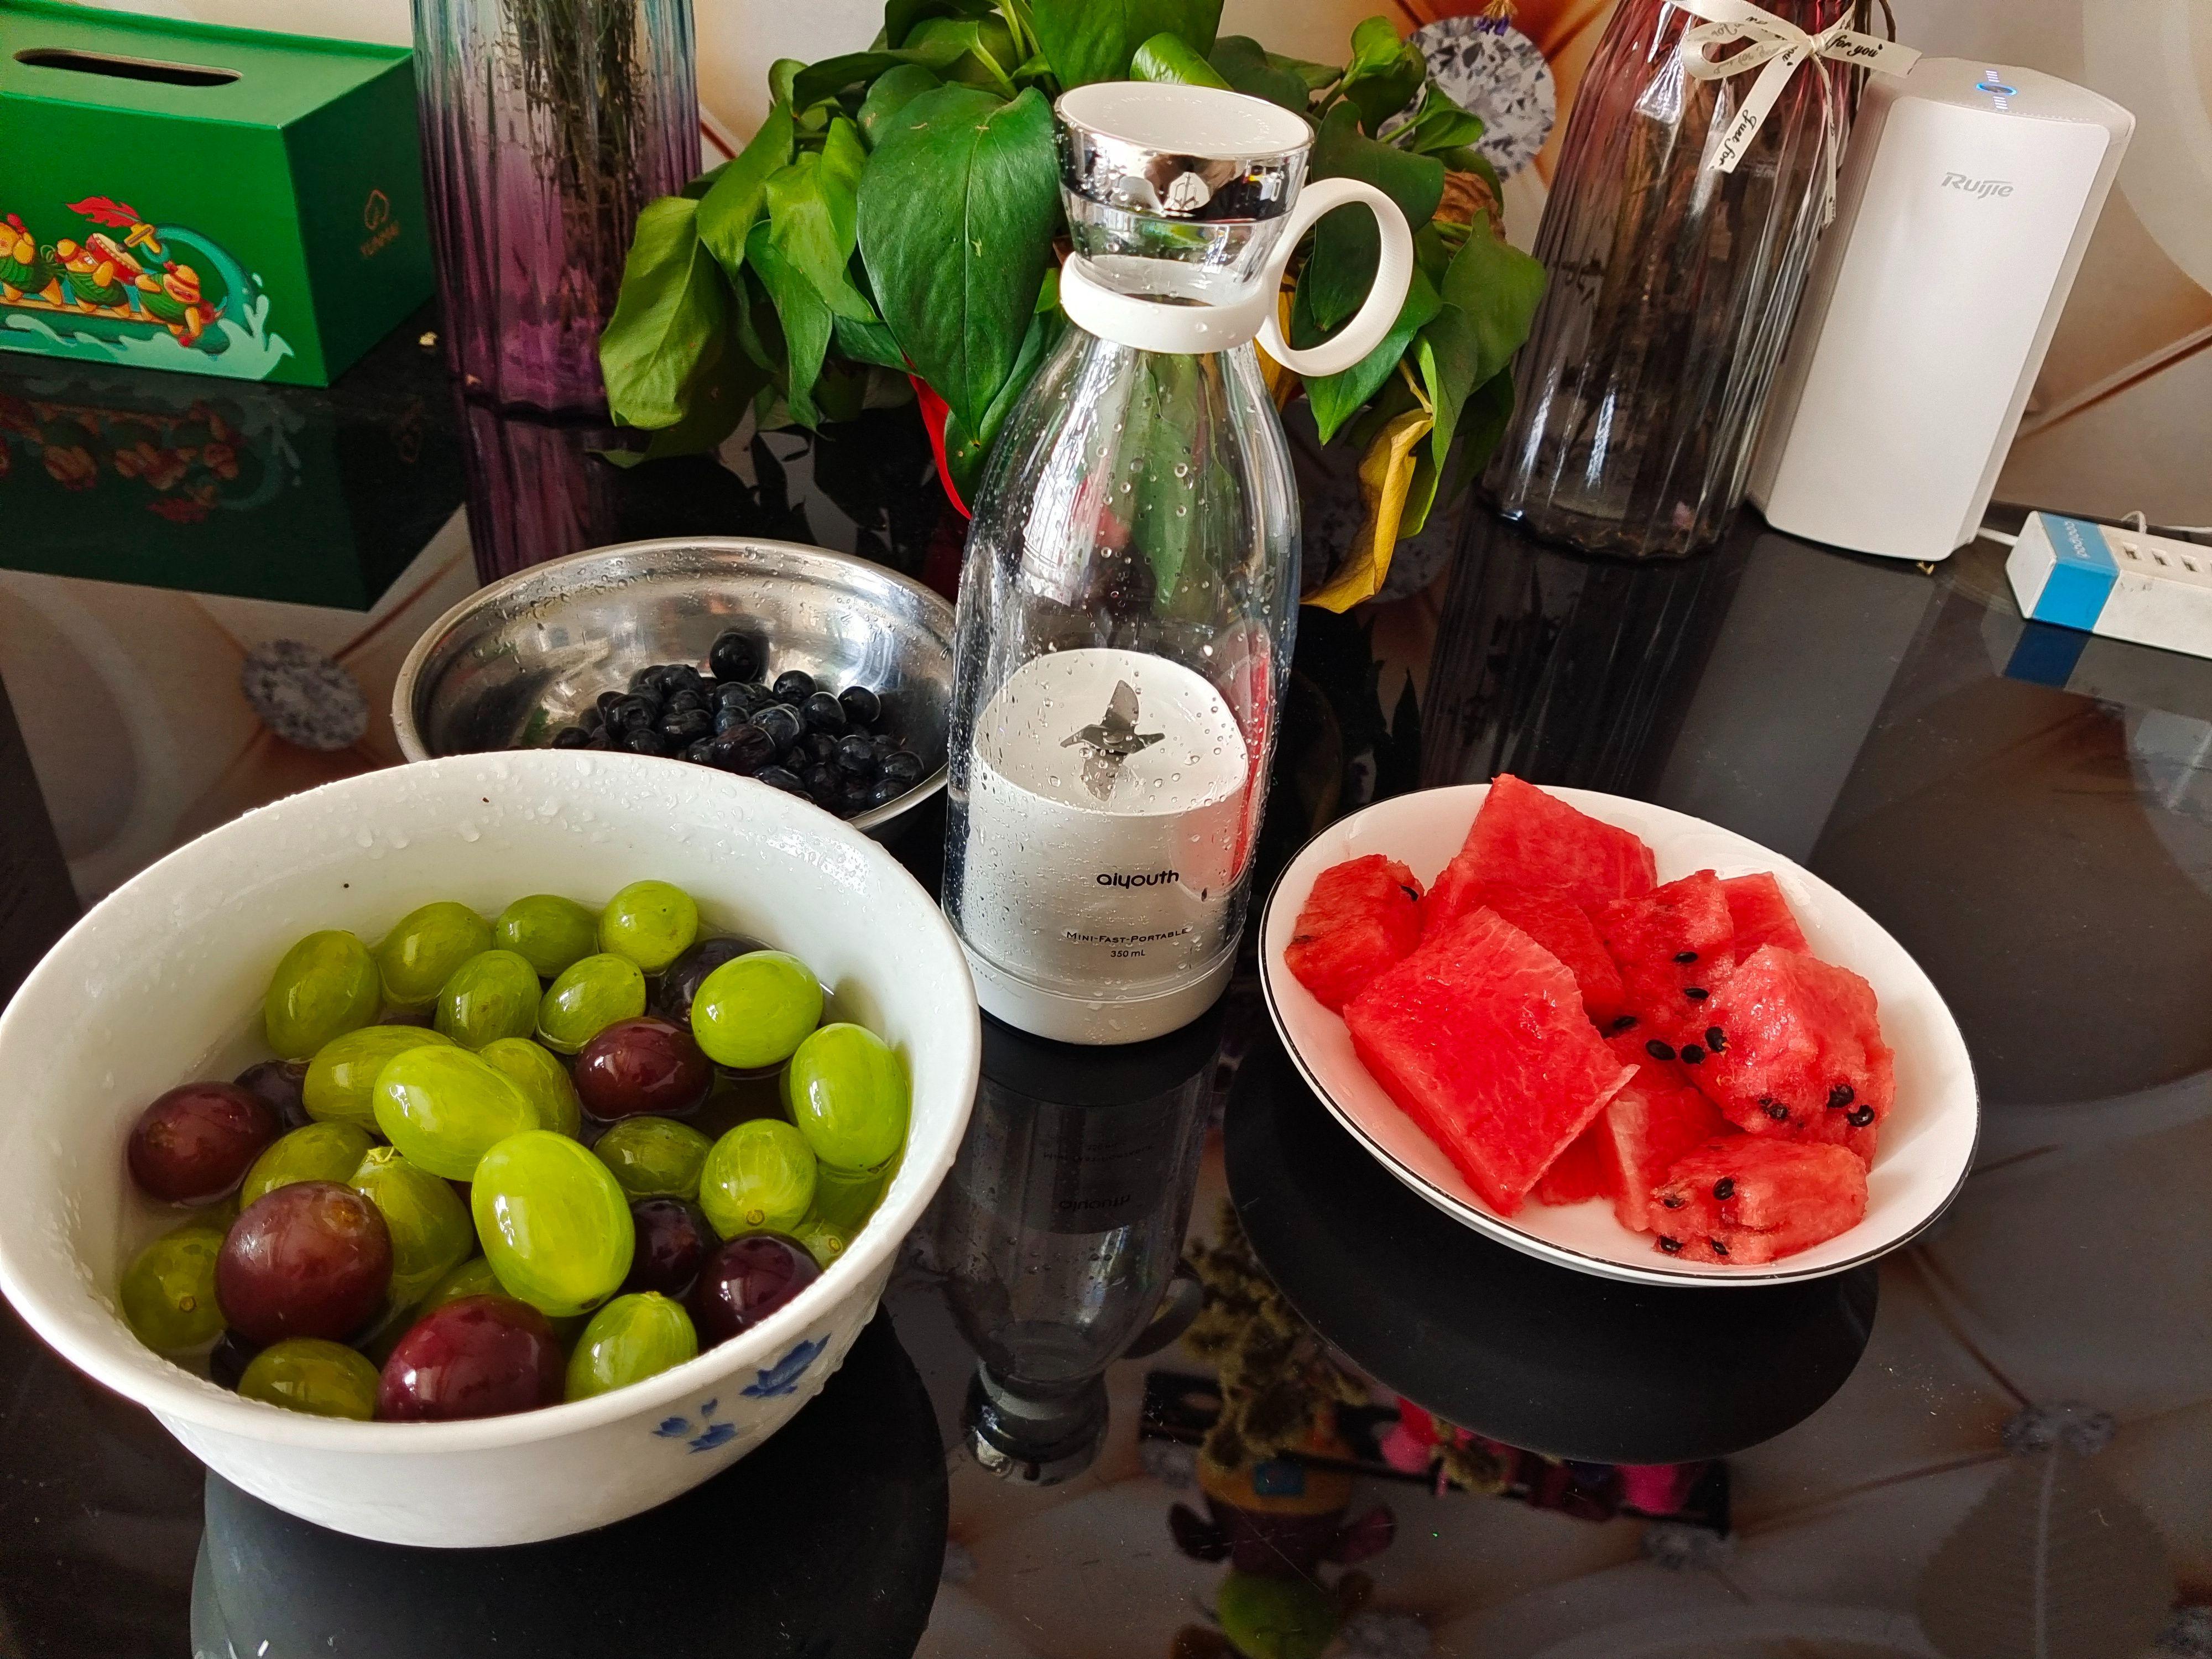 10S轻享一杯果汁,纯汁率达到99%,百元网红aiyouth榨汁机评测